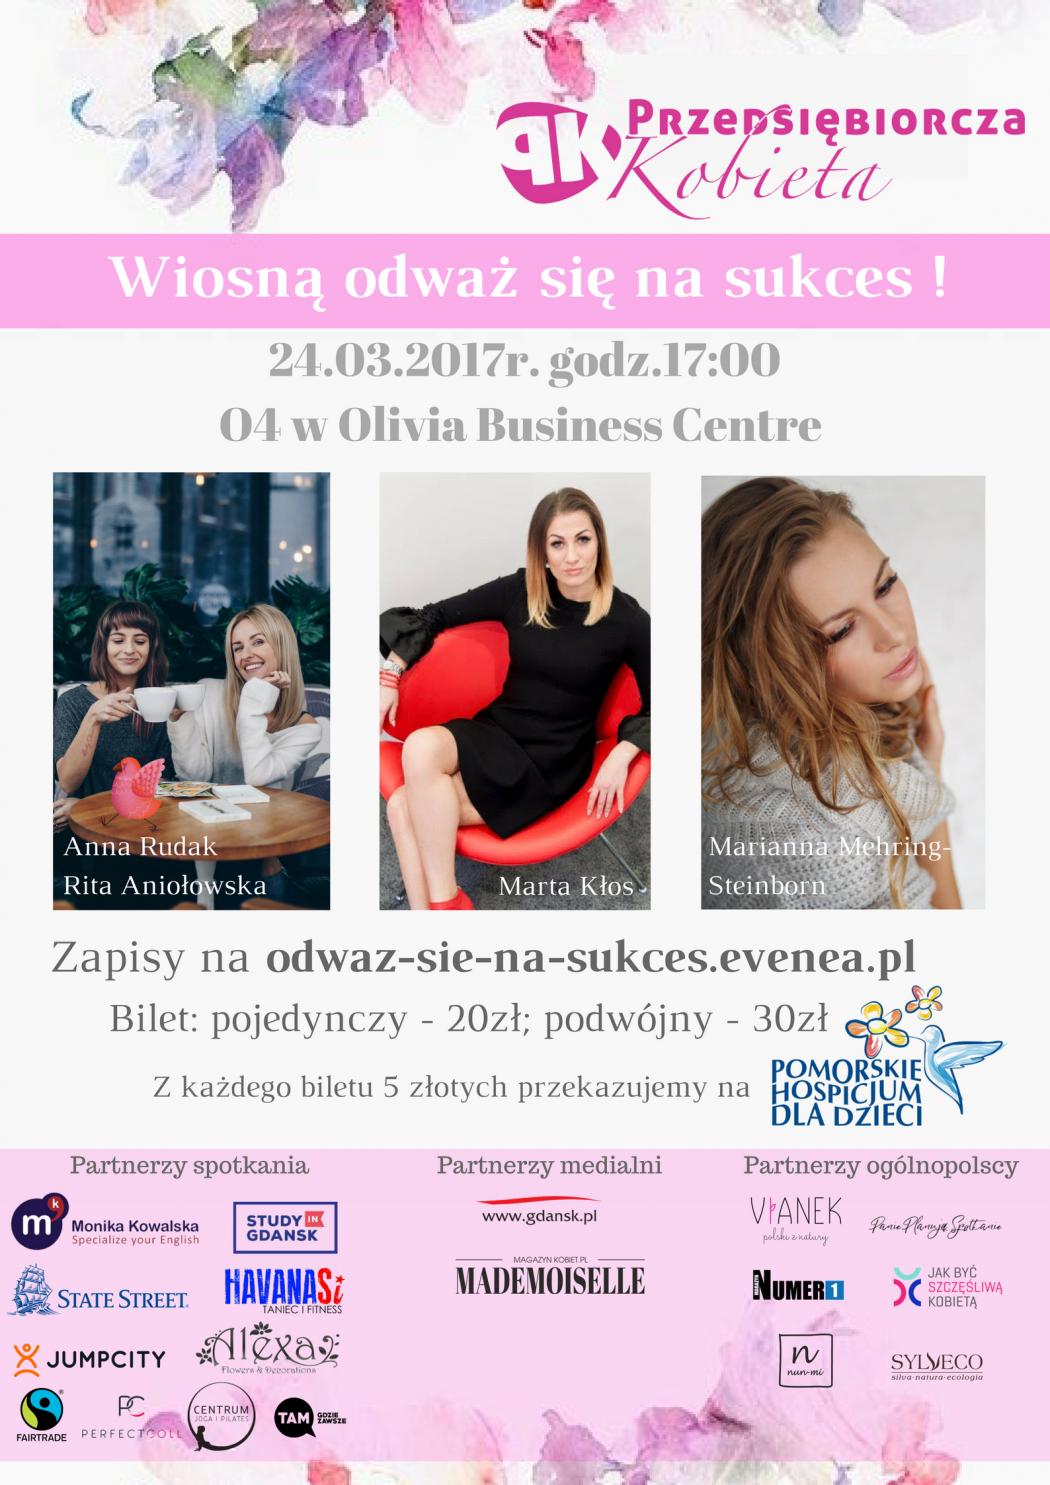 magazynkobiet.pl - Partnerzy spotkania 1 1050x1485 - Wiosną odważ się na sukces!